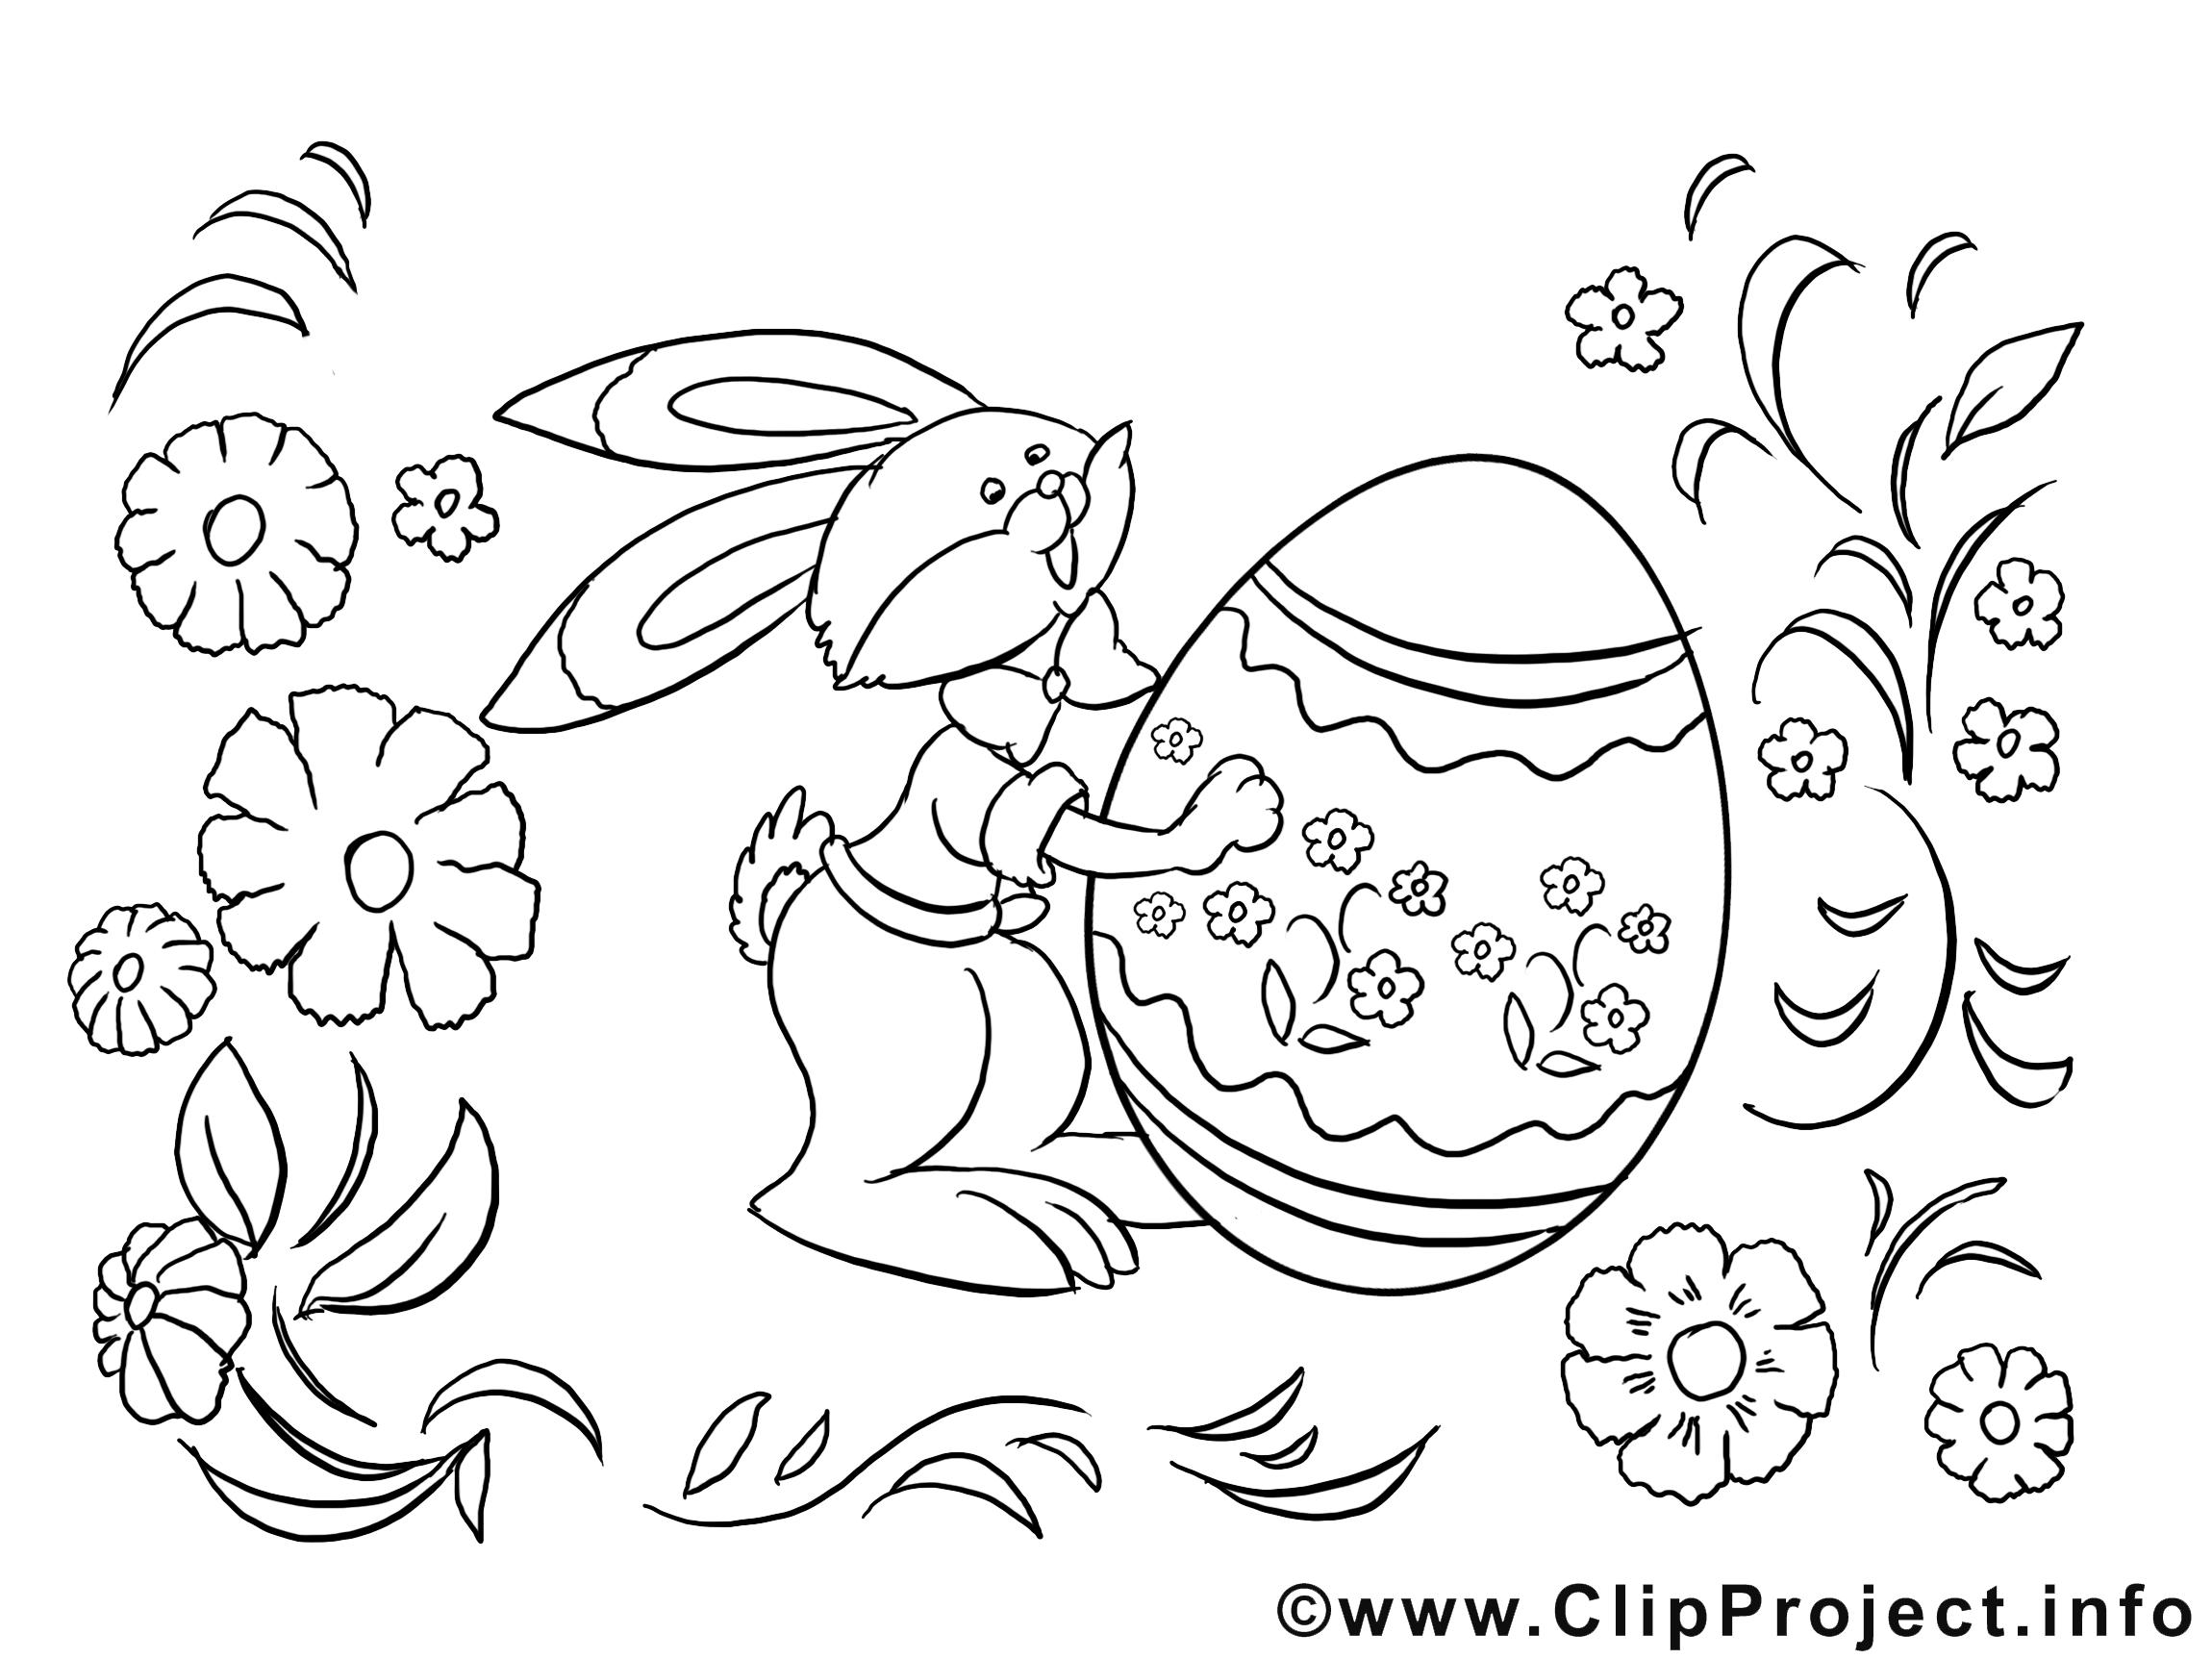 Dessin fleur coloriage p ques t l charger p ques coloriages dessin picture image - Dessin a telecharger ...